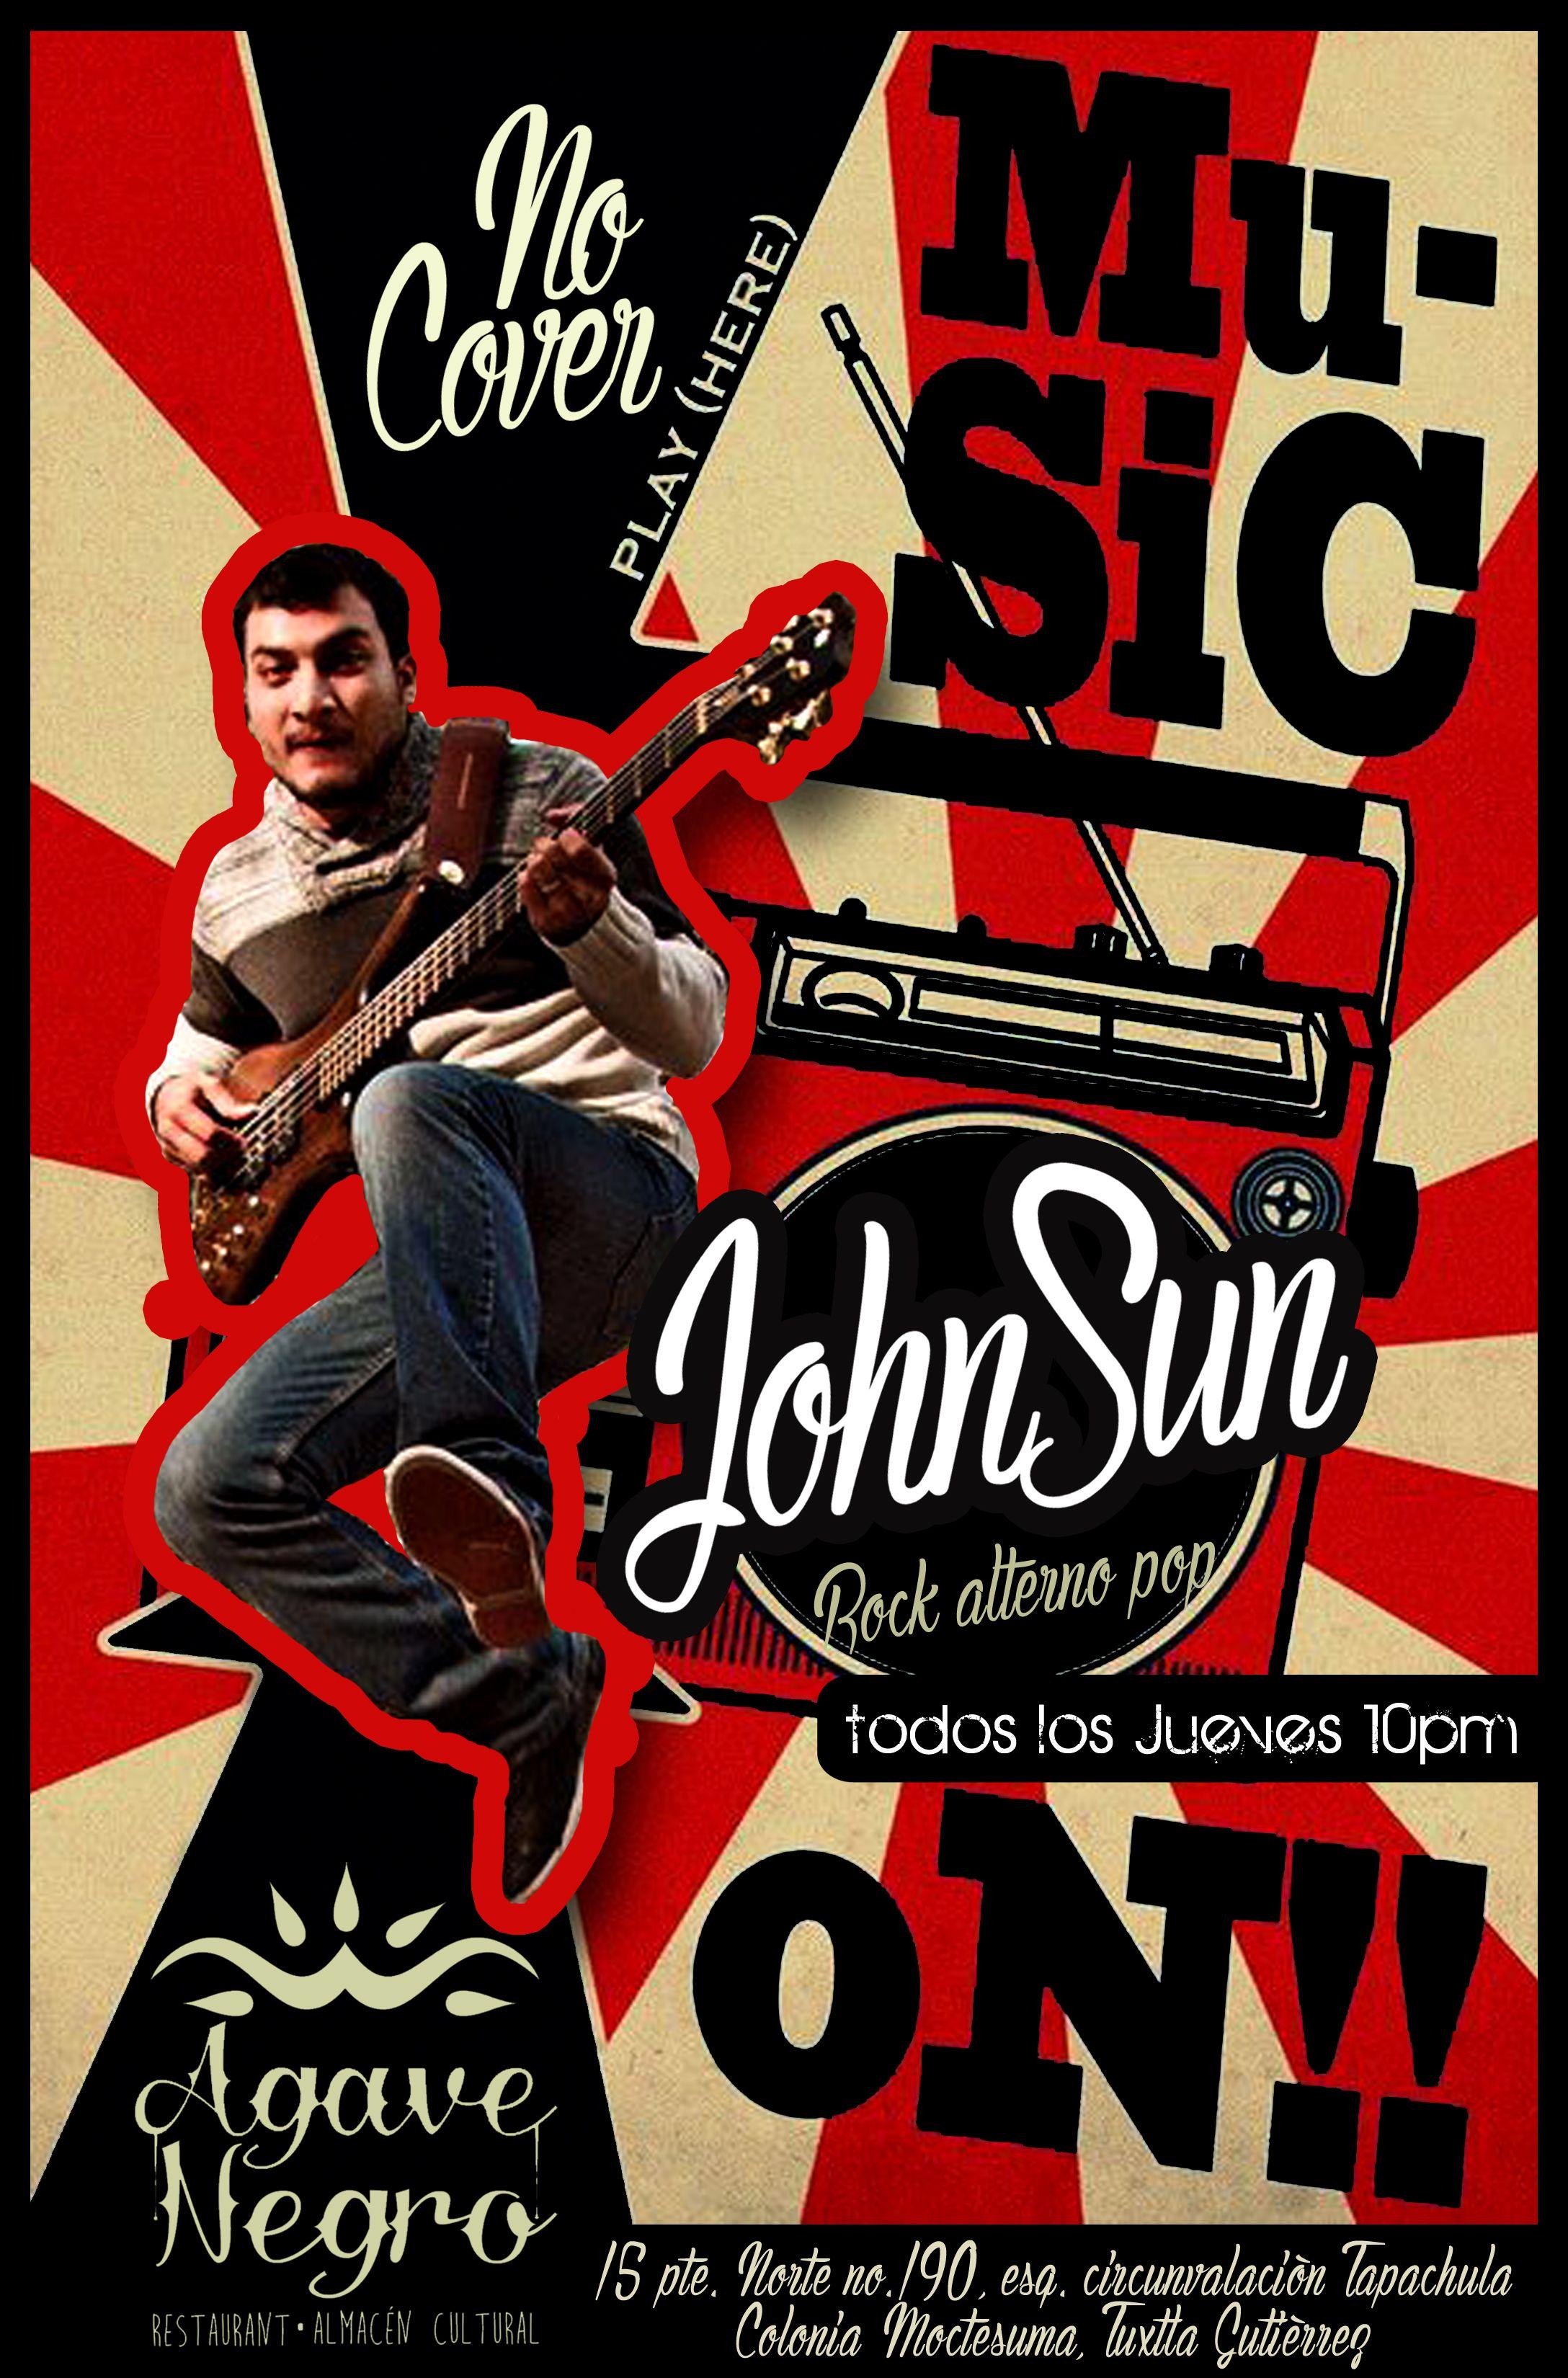 cartel para JOHN SUN (musico independiente) en el AGAVE NEGRO